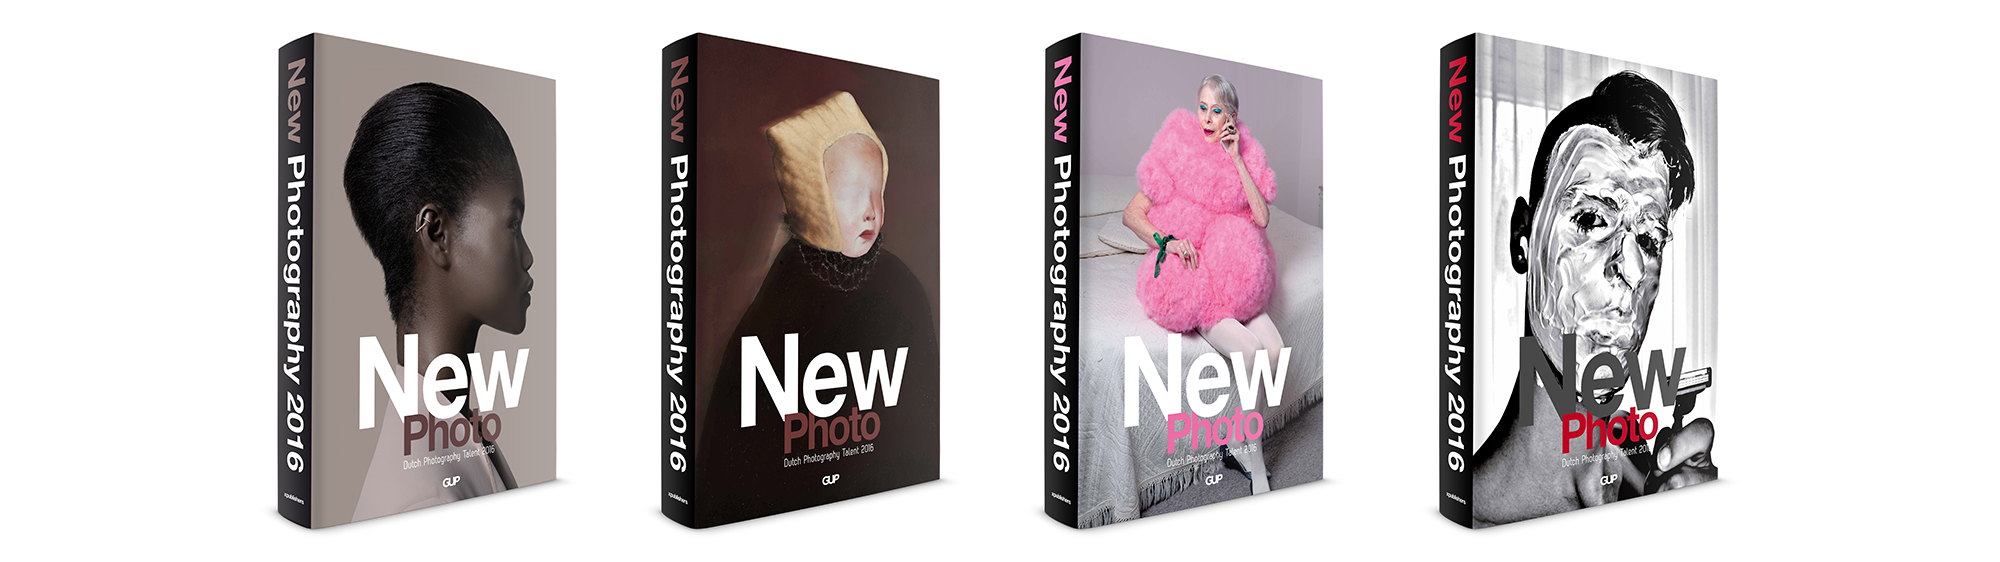 Introduction by Linelle Deunk  Cover image © Daniel Dijkstra / Imke Panhuijzen / Jamèl van de Pas / Peggy Kuiper